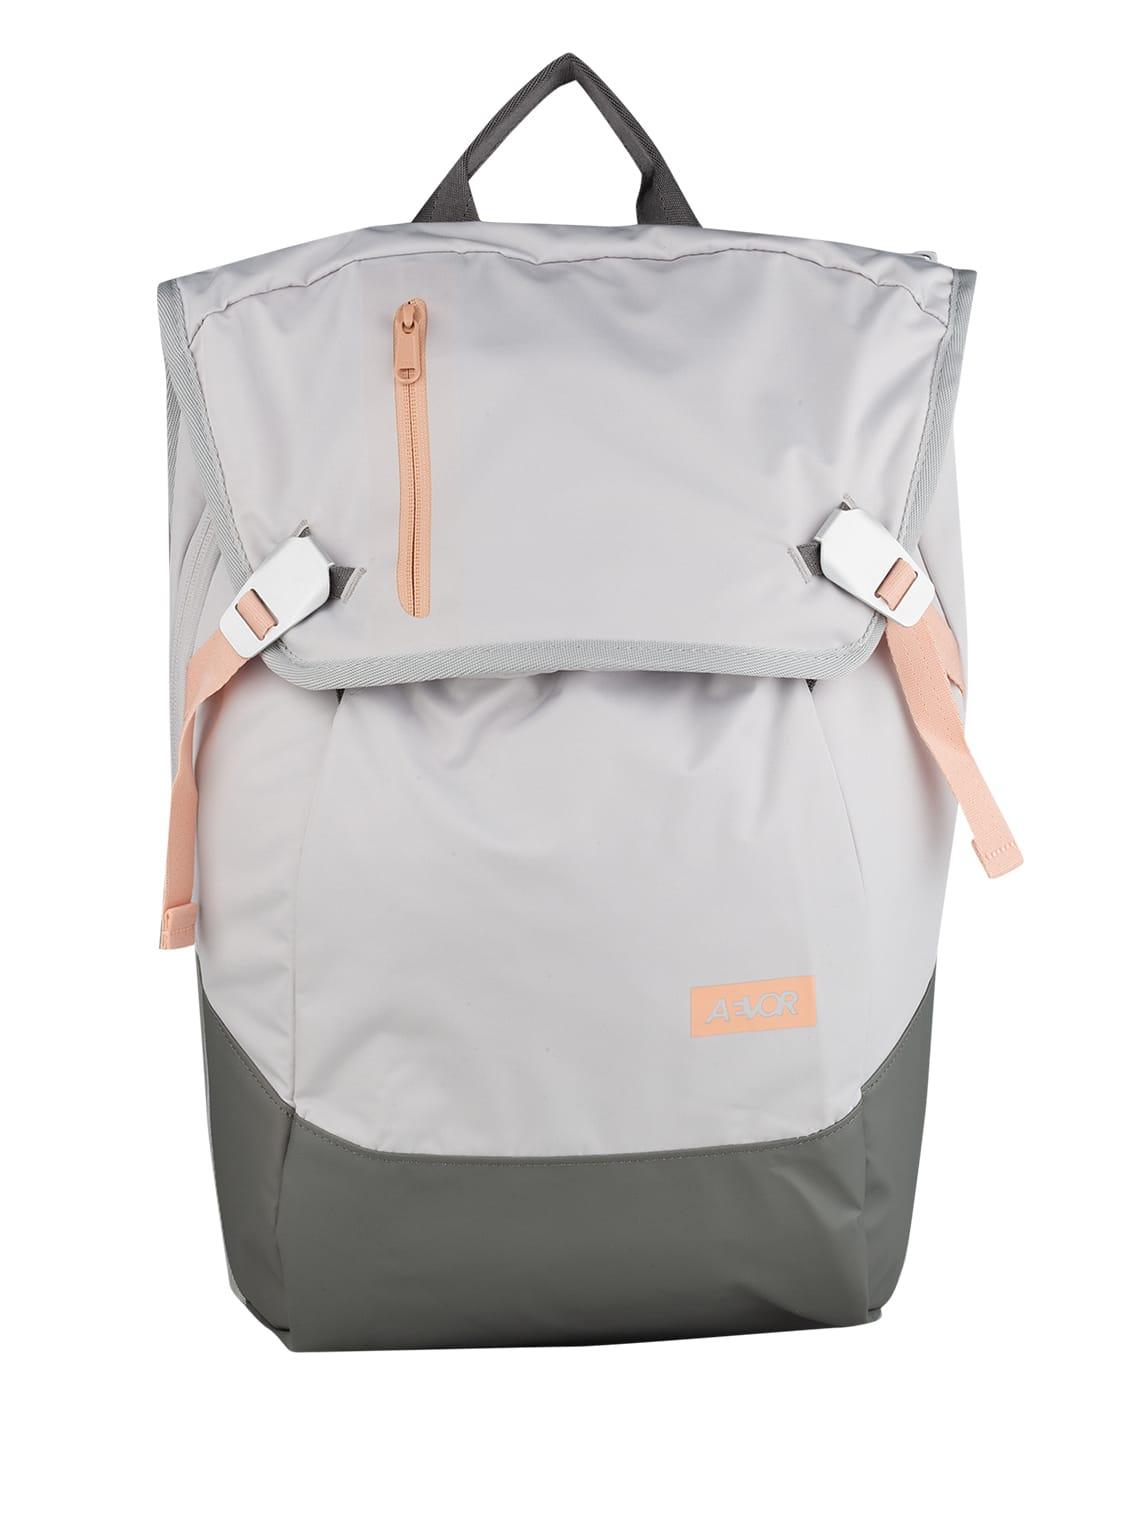 Image of Aevor Rucksack Daypack 18 L (Erweiterbar Auf 28 Liter) Mit Laptop-Fach grau